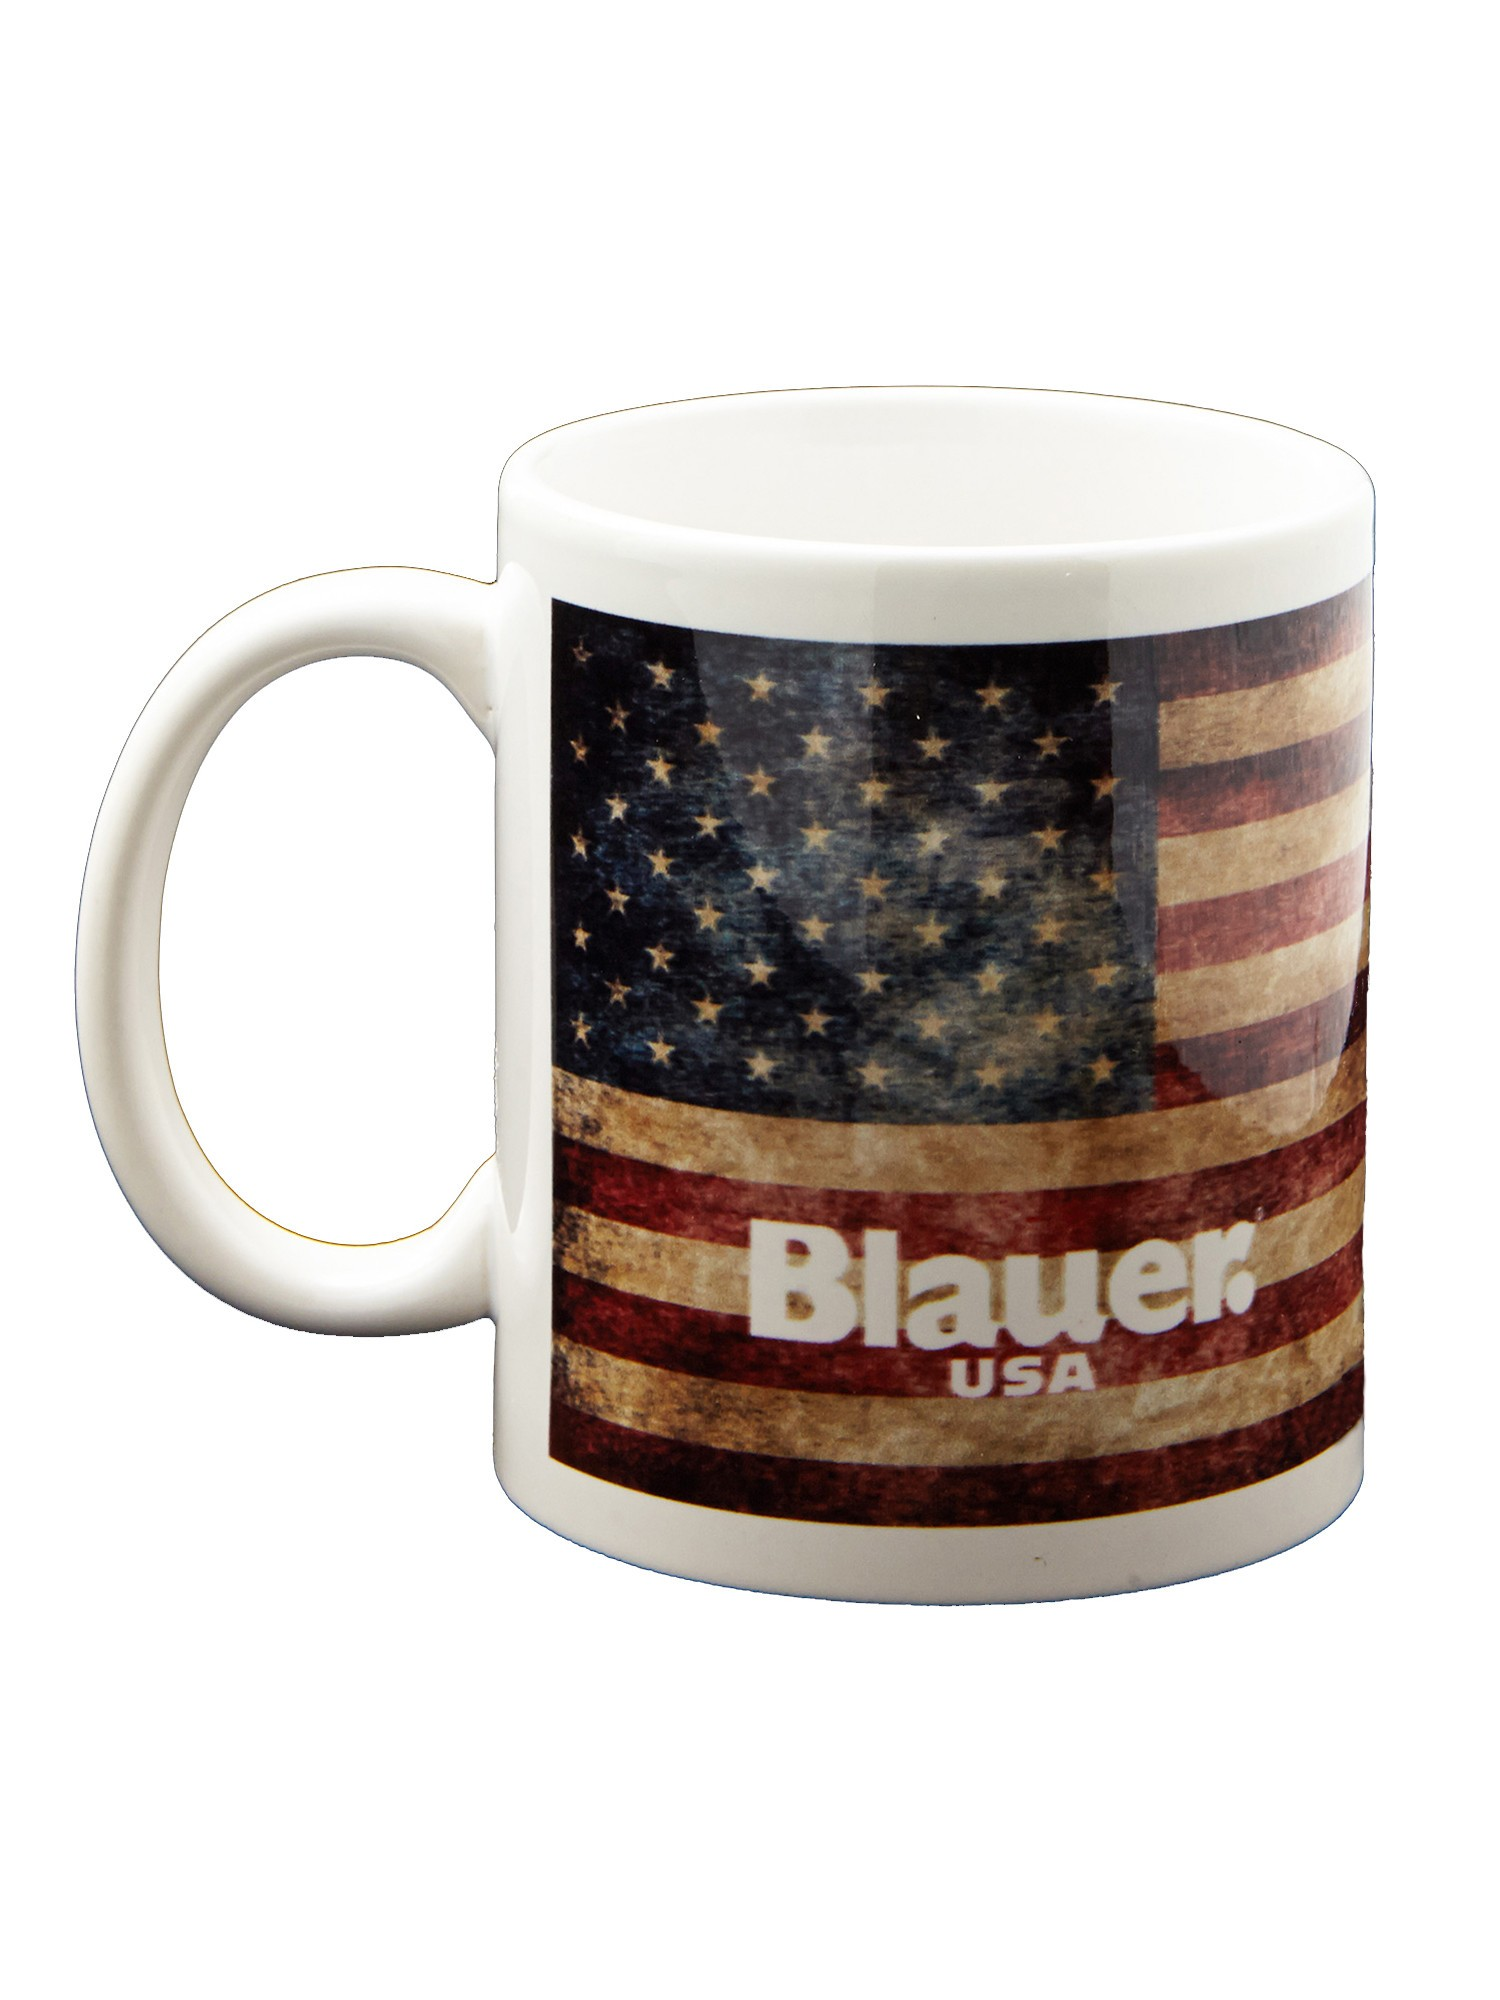 CAFE' TASSE BLAUER - Blauer